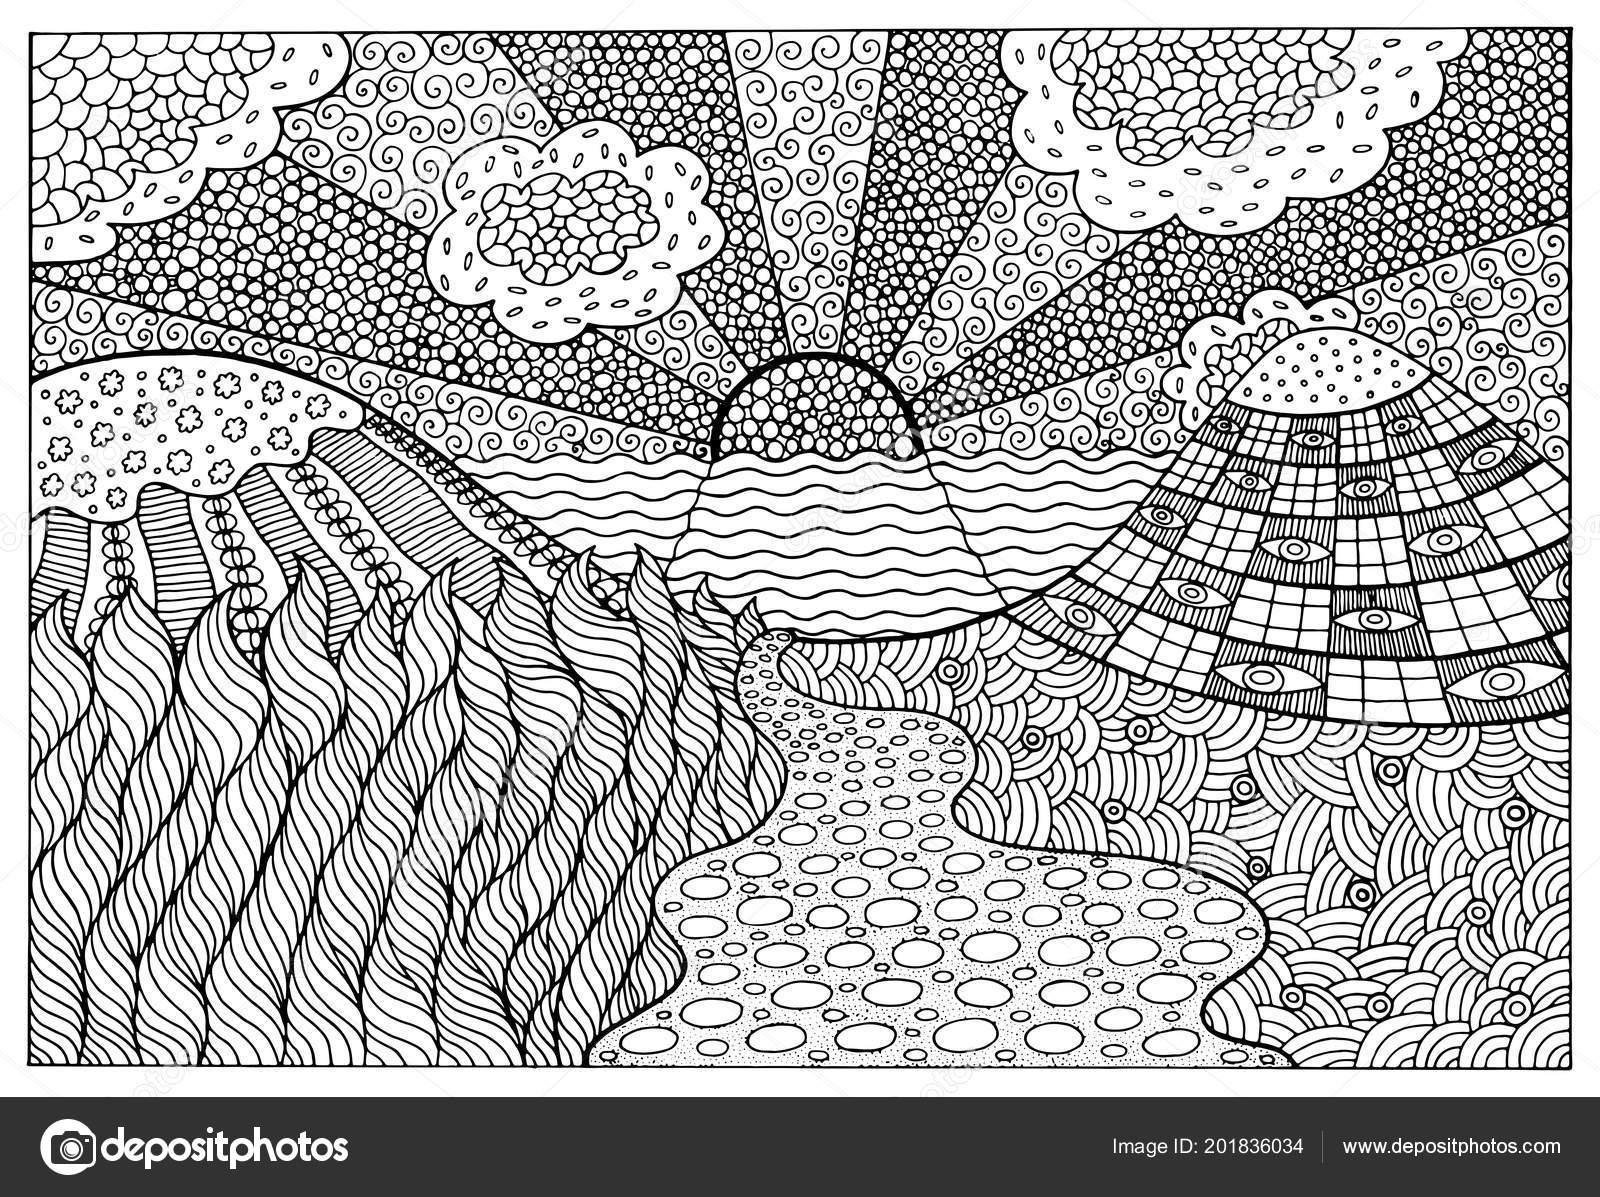 Kleurplaten Voor Volwassenen Landschap.Doodle Surrealistisch Landschap Pagina Kleurplaten Voor Volwassenen